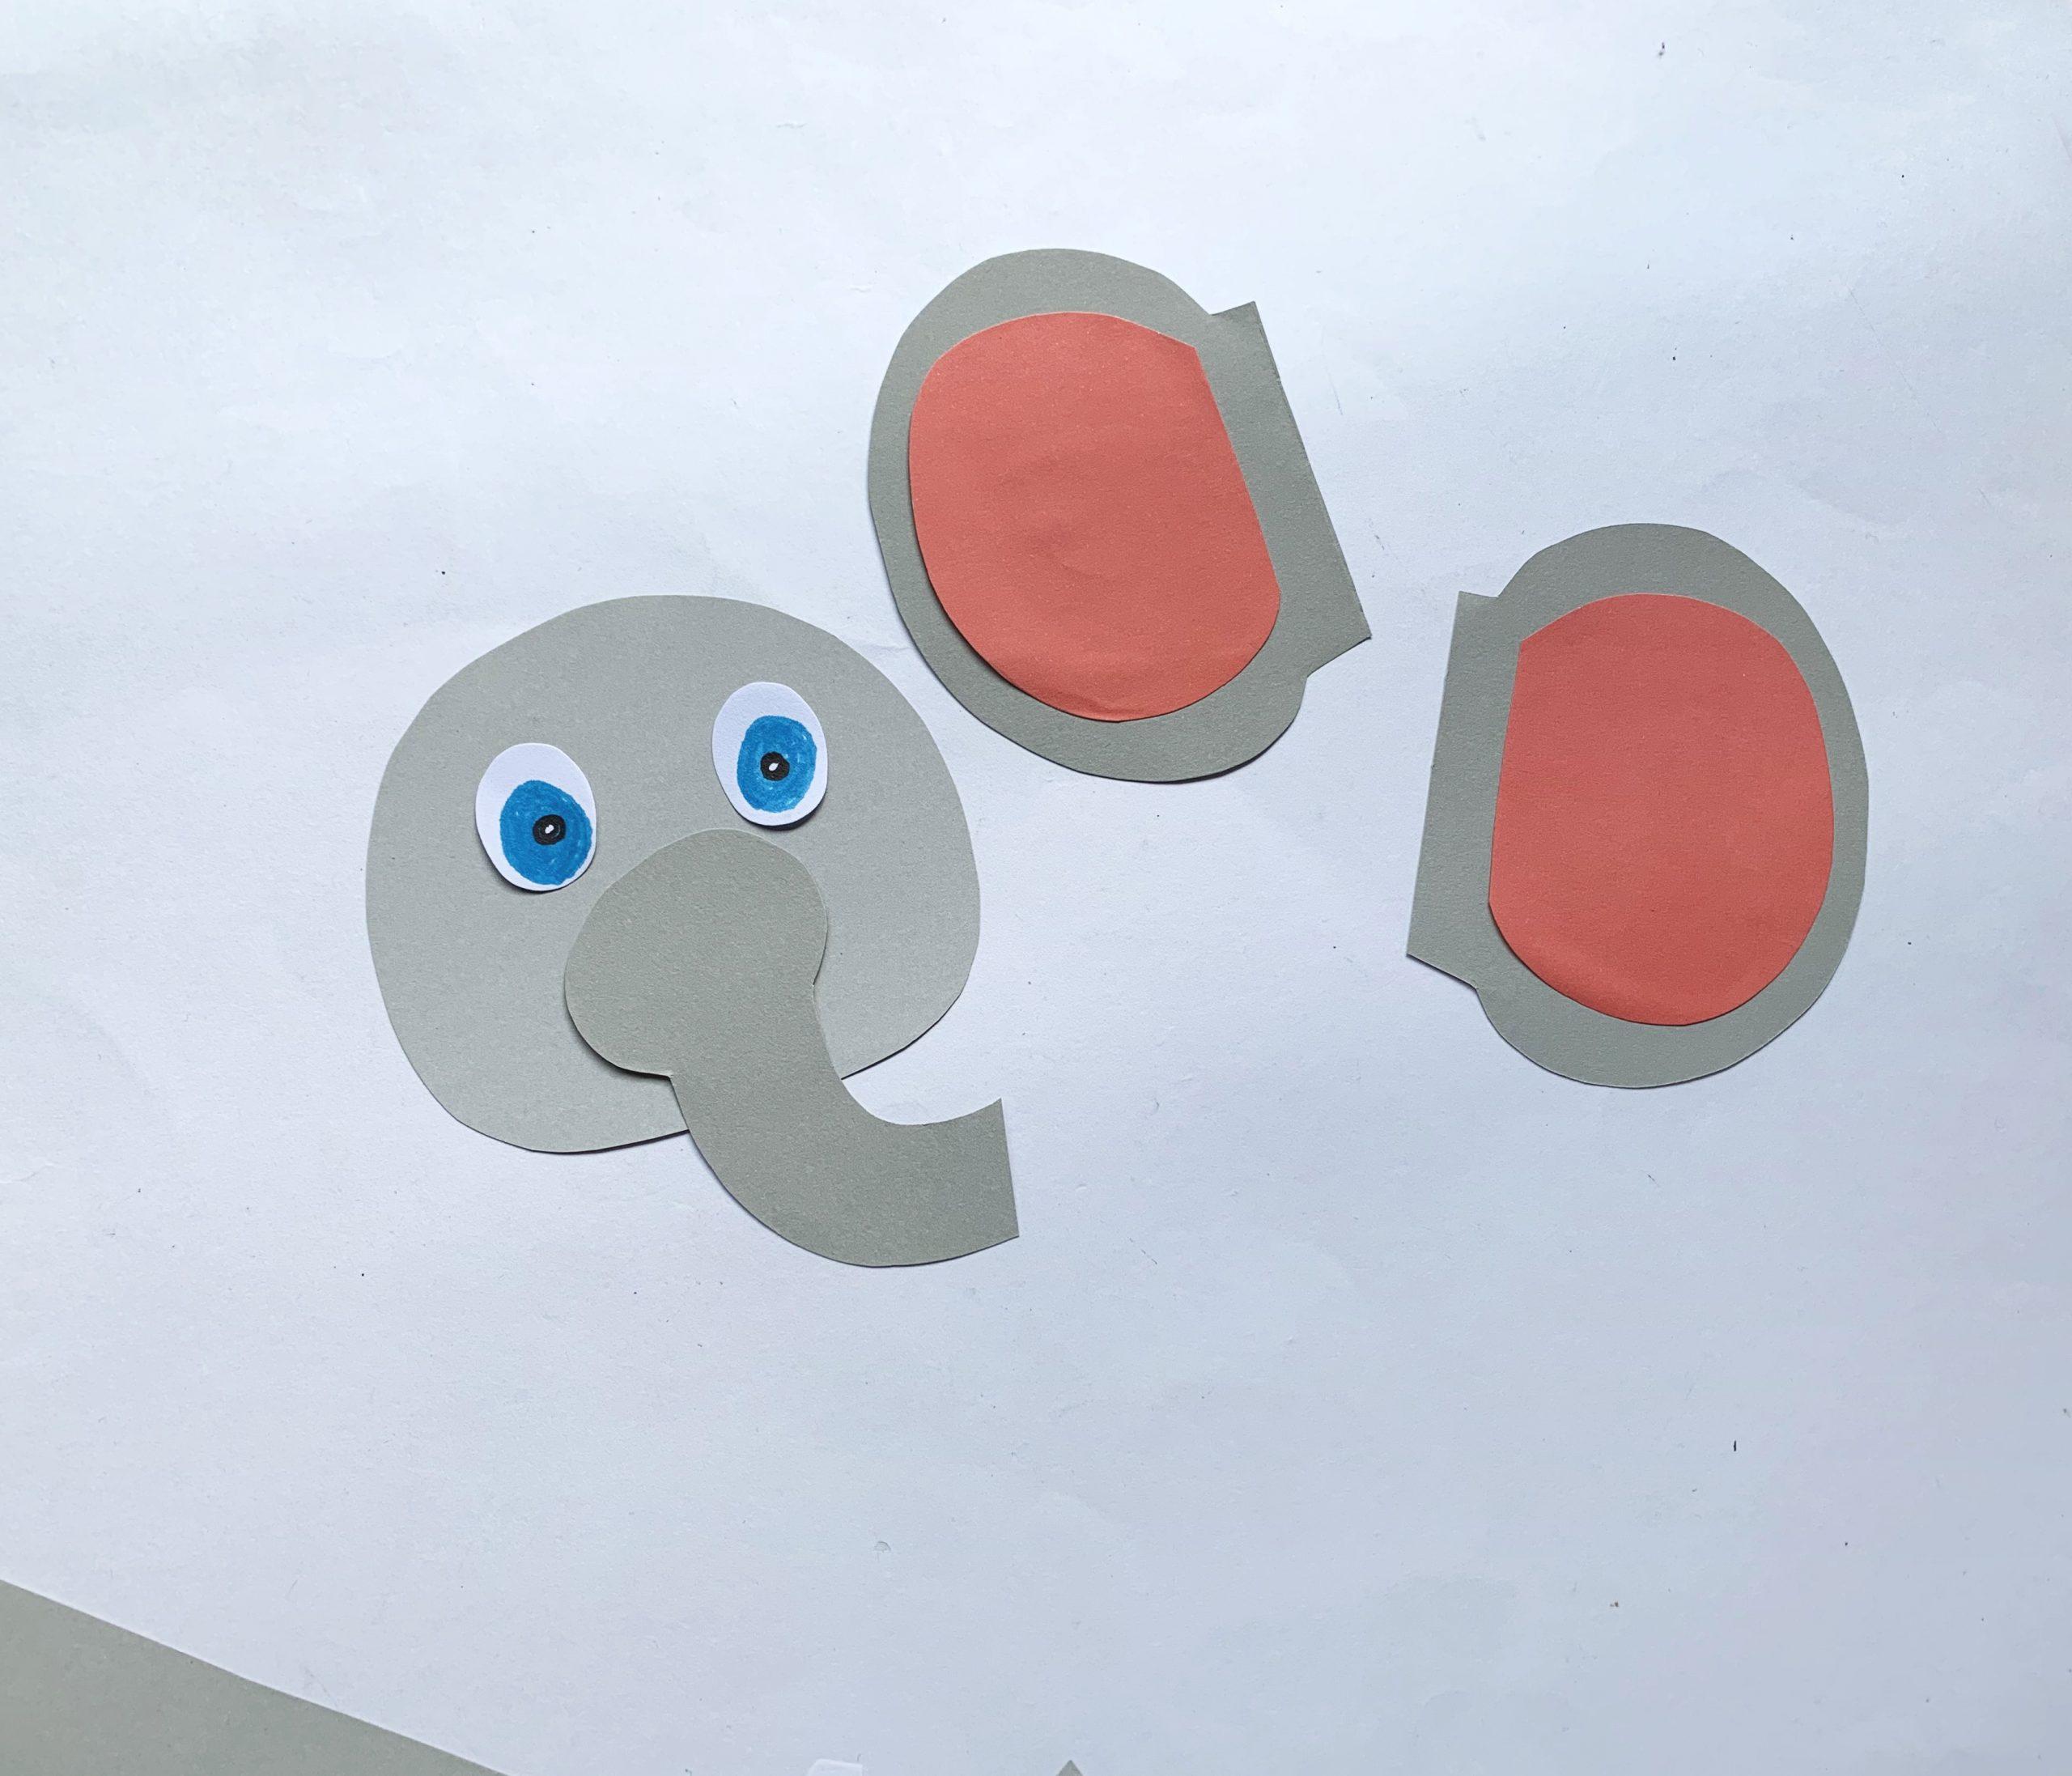 procedimiento artesanal con rollo de papel higiénico elefante